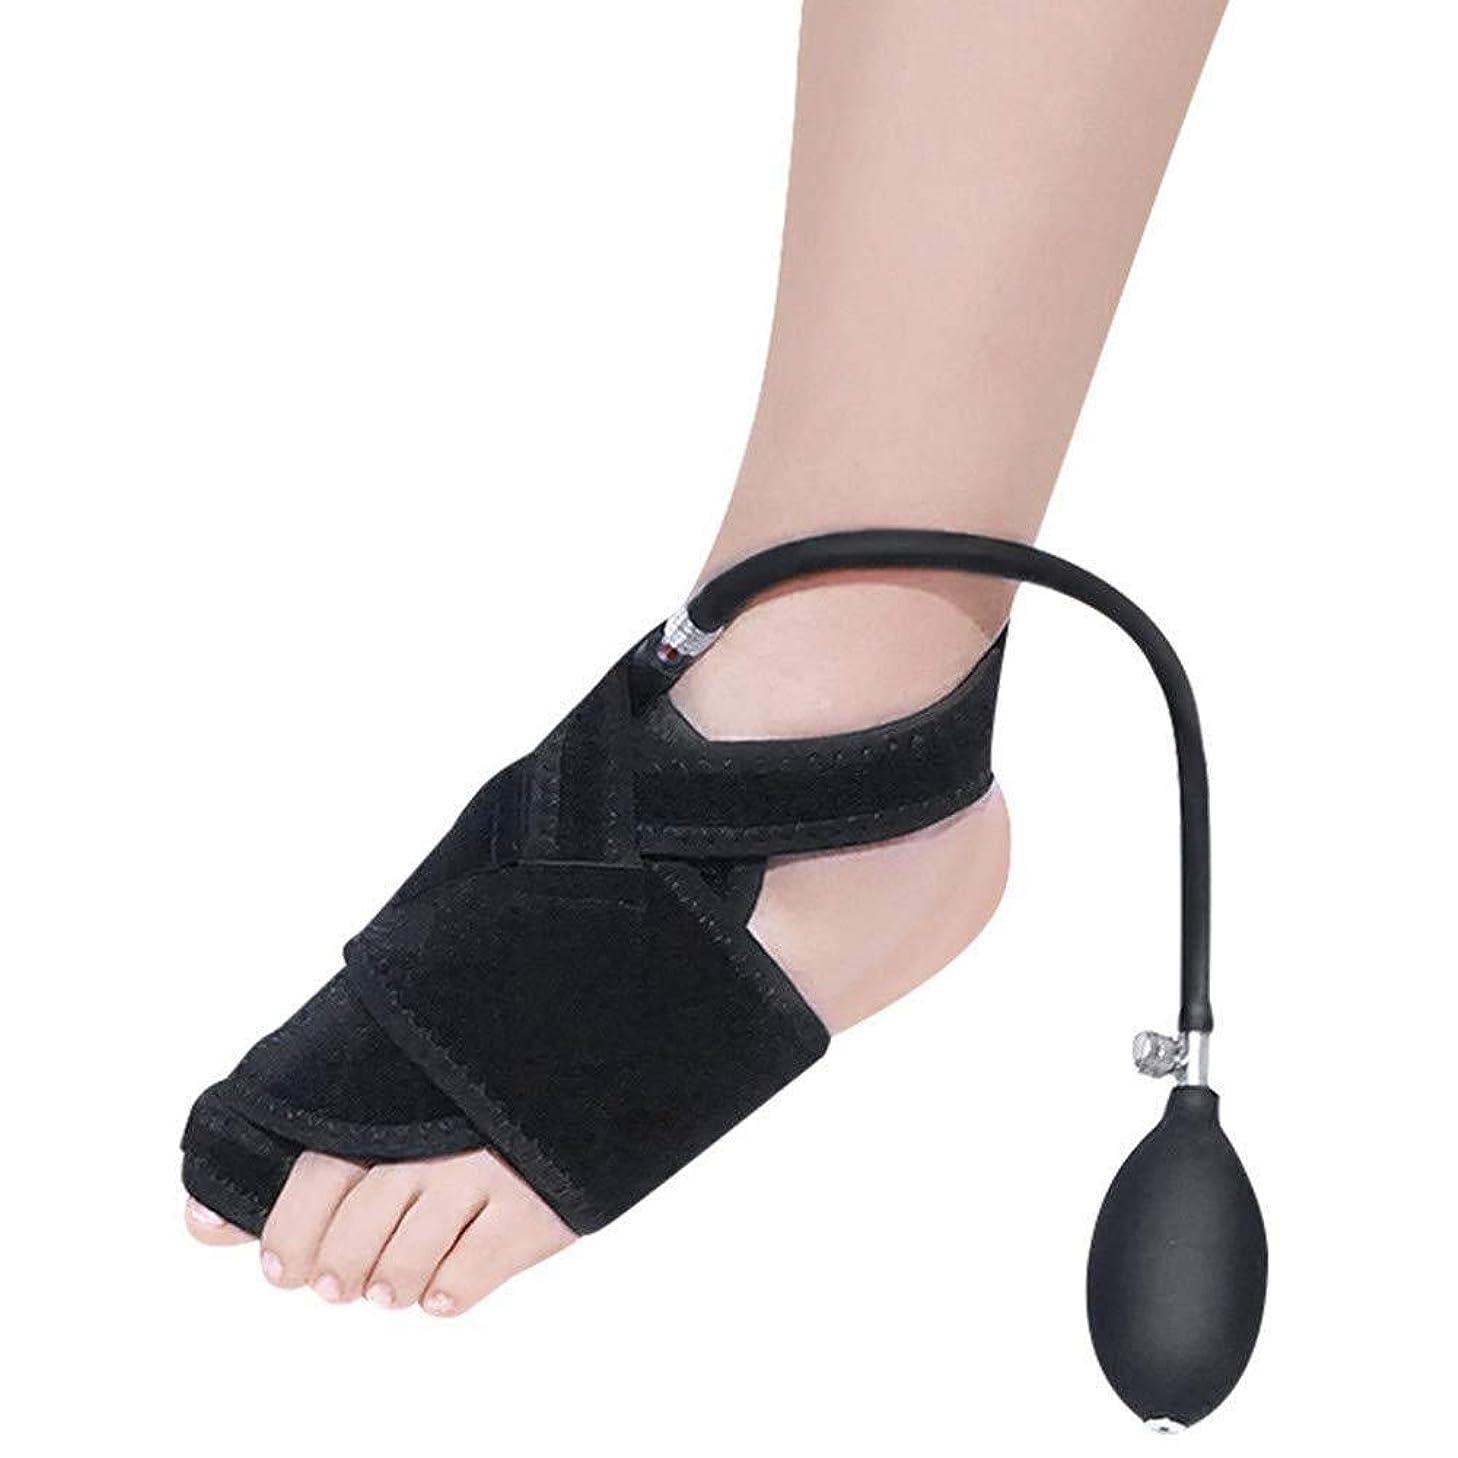 杖ストラトフォードオンエイボン十代の若者たちつま先セパレーター、左の膨脹可能なつま先変形足の親指矯正器および空気圧式整形外科用補助腱膜瘤手術の回復,Leftfoot